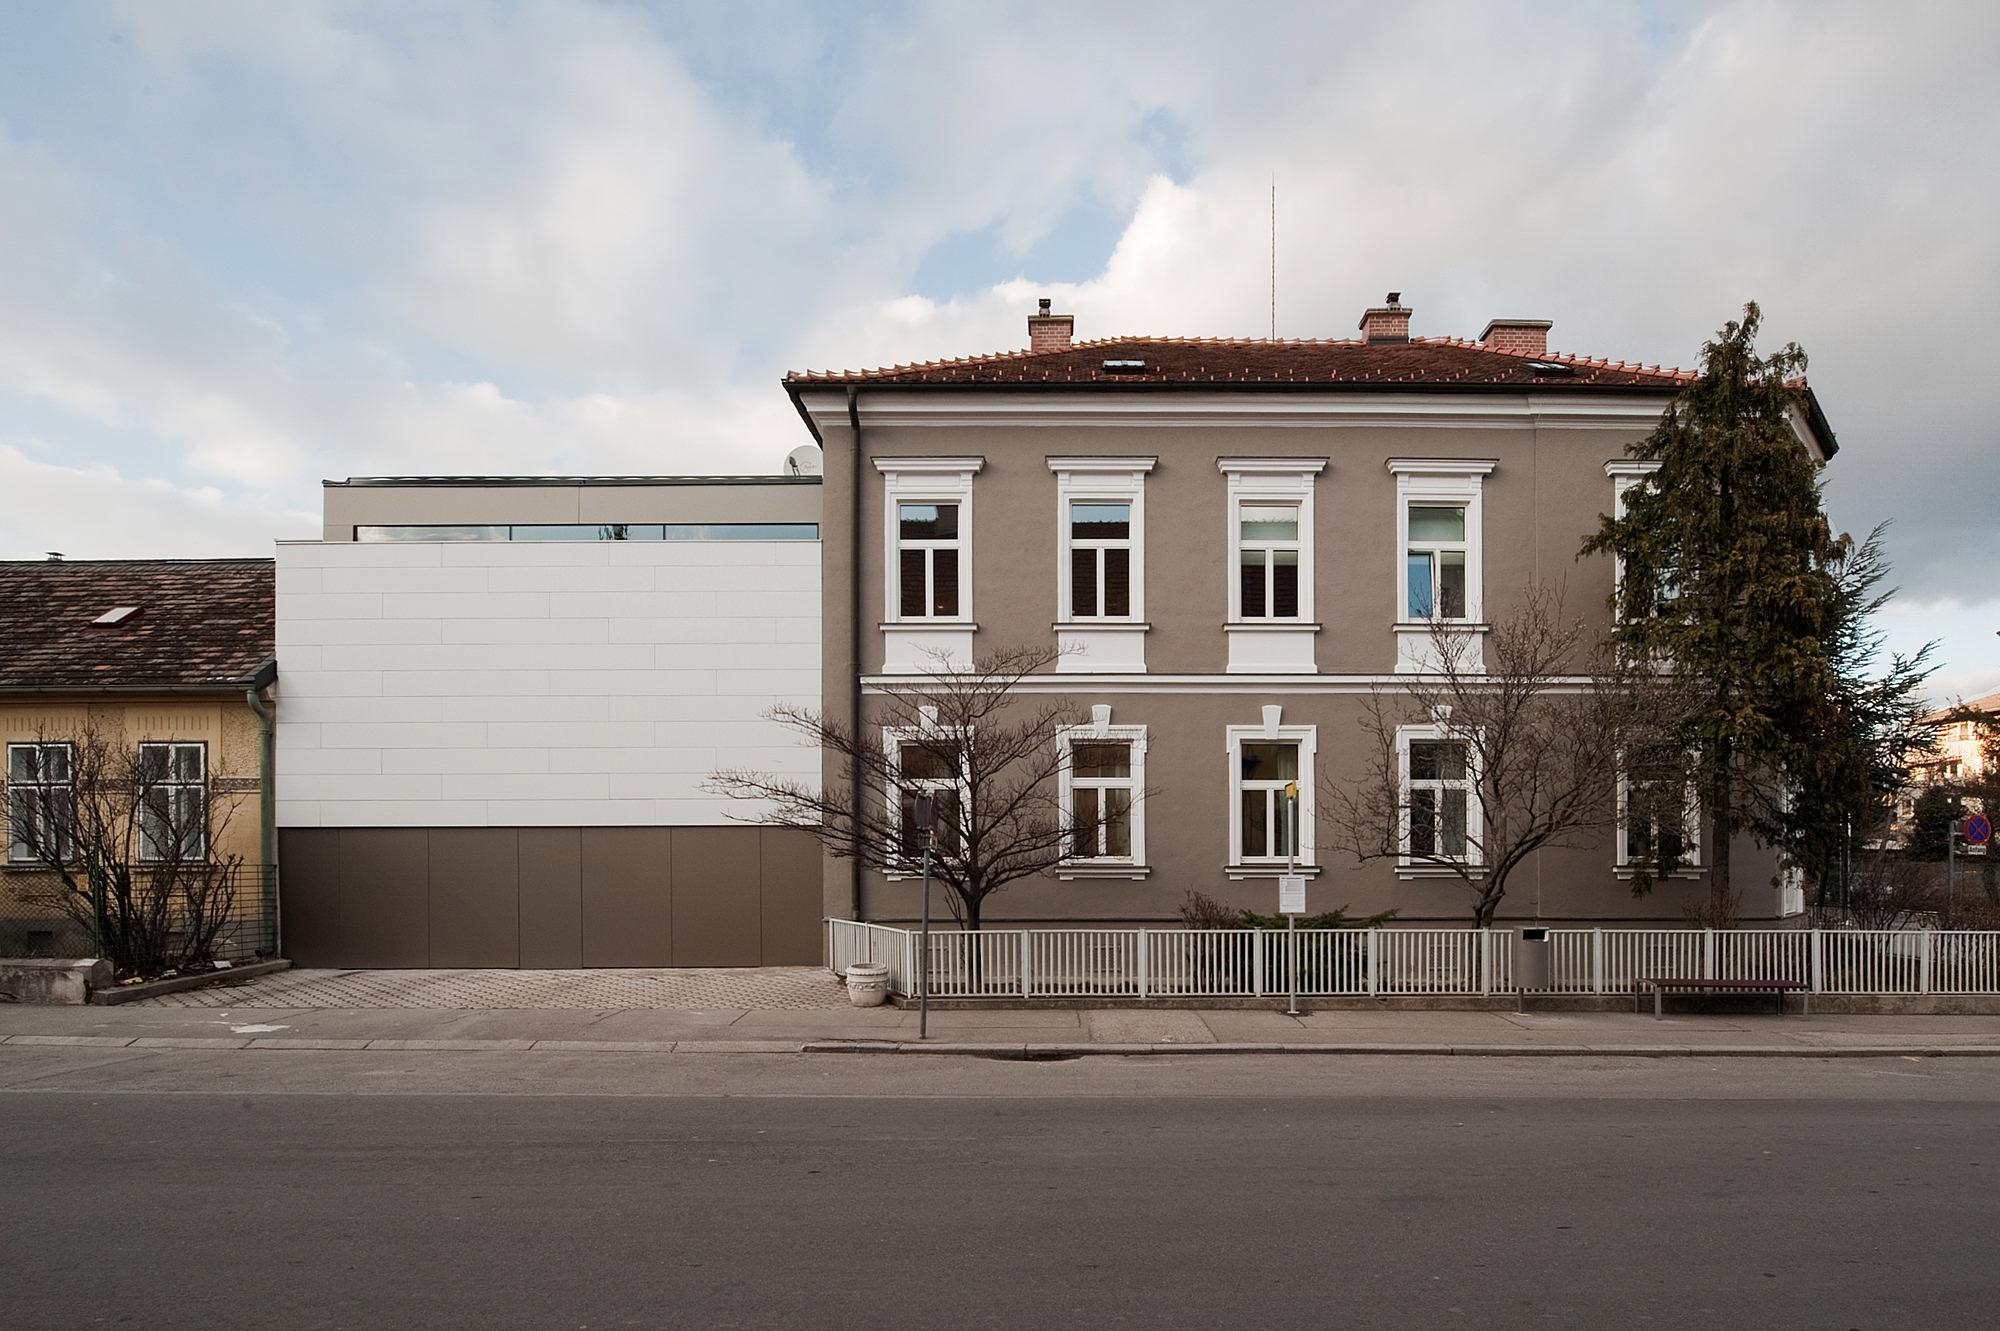 haus_s_11_umbau_und_erweiterung_einer_gruenderzeitvilla_baden_bei_wien_junger_beer_architektur